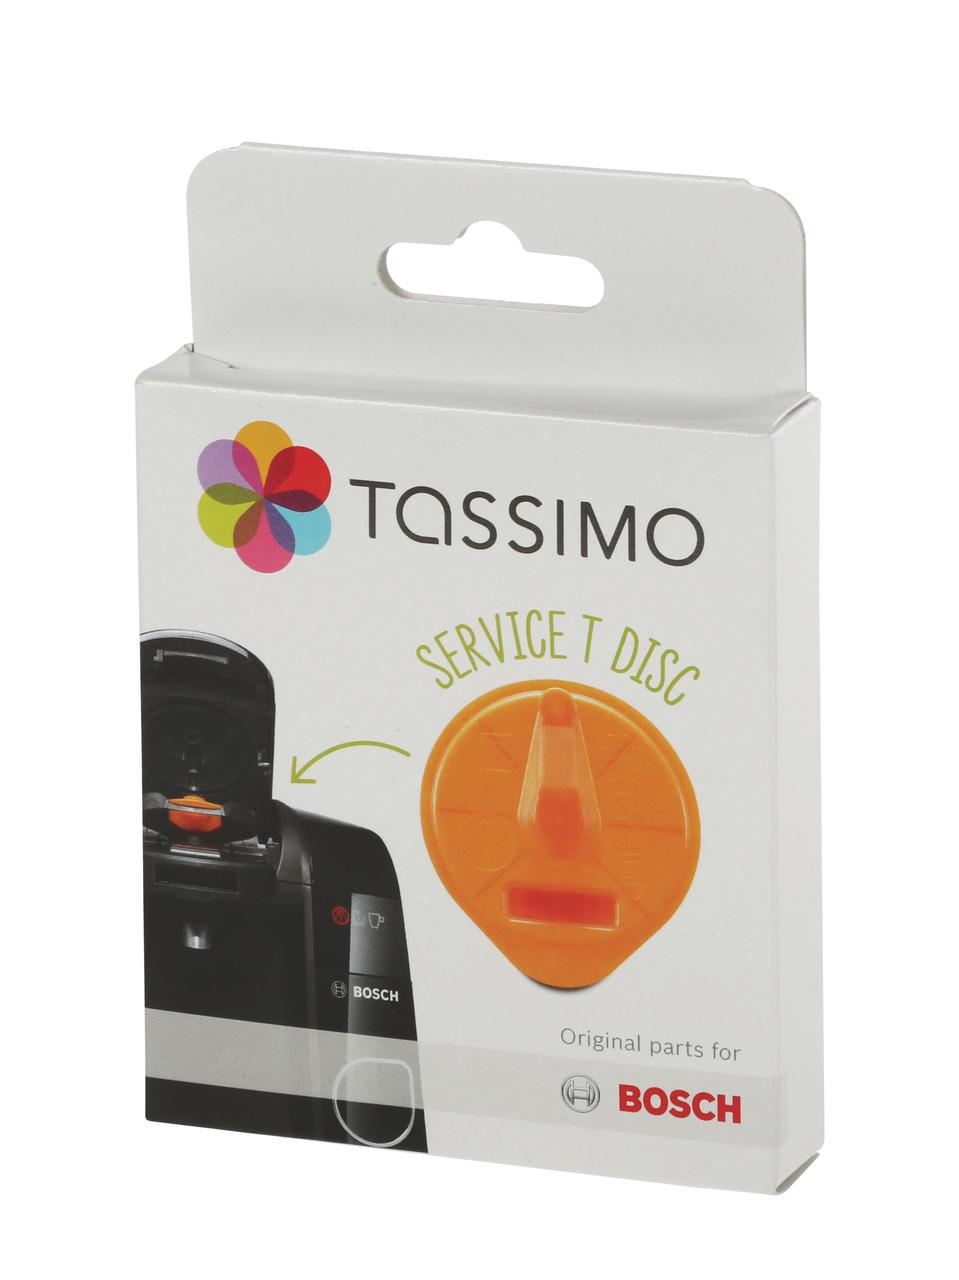 Сервісного T DISC помаранчевий для очищення кавоварок Tassimo Bosch